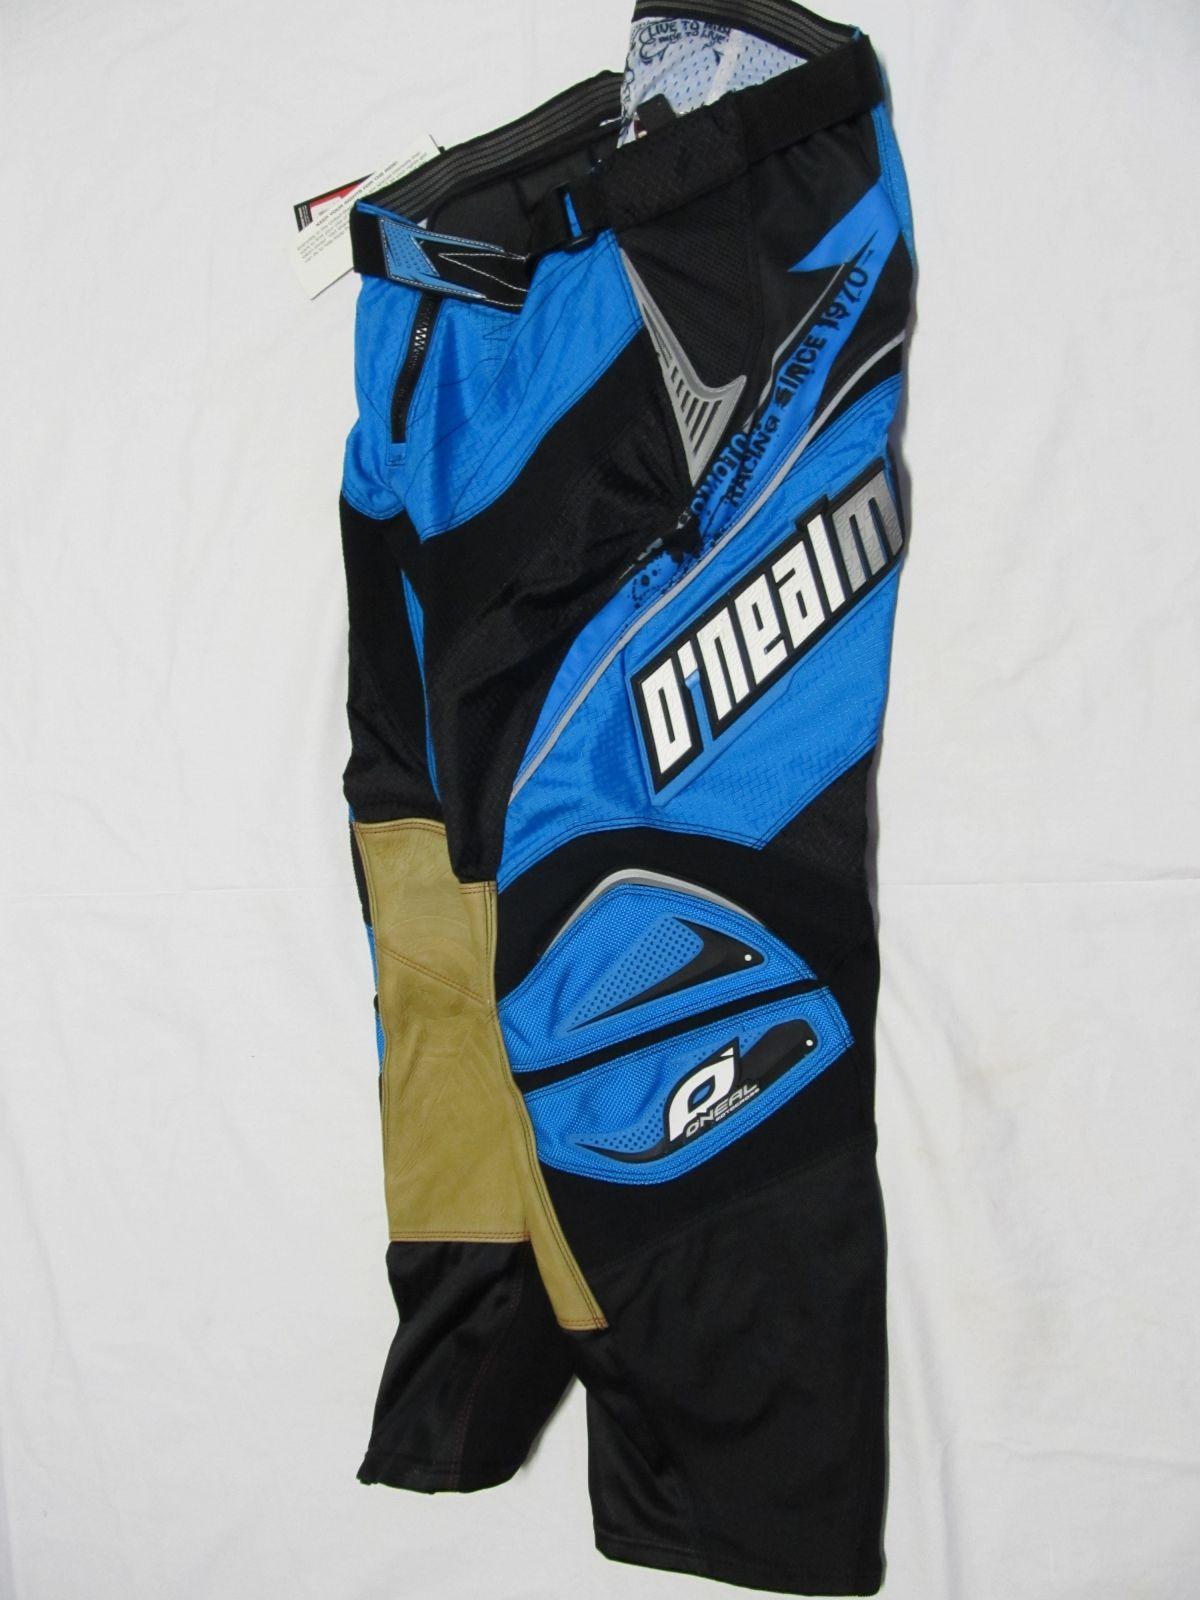 Kalhoty Hardwear-tyrkysová/černá ONEAL